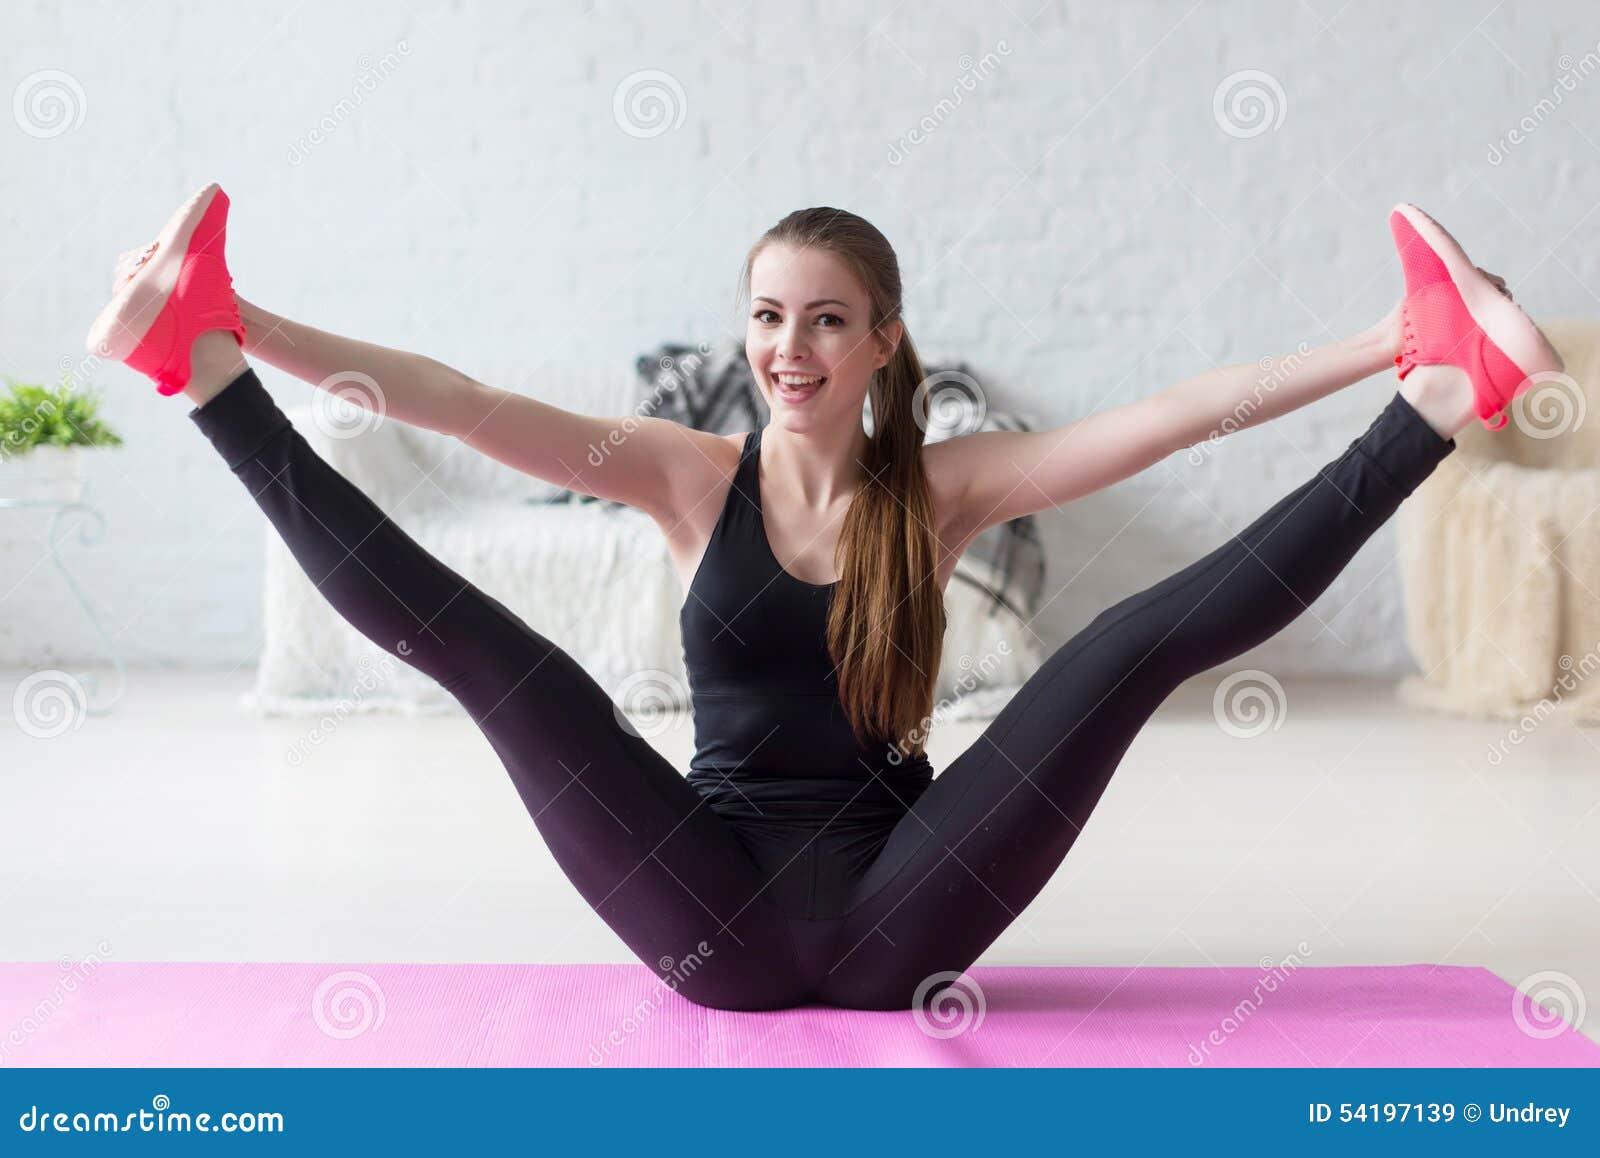 Funny Smiling Girl Holding Legs Apart Doing Stock Photo